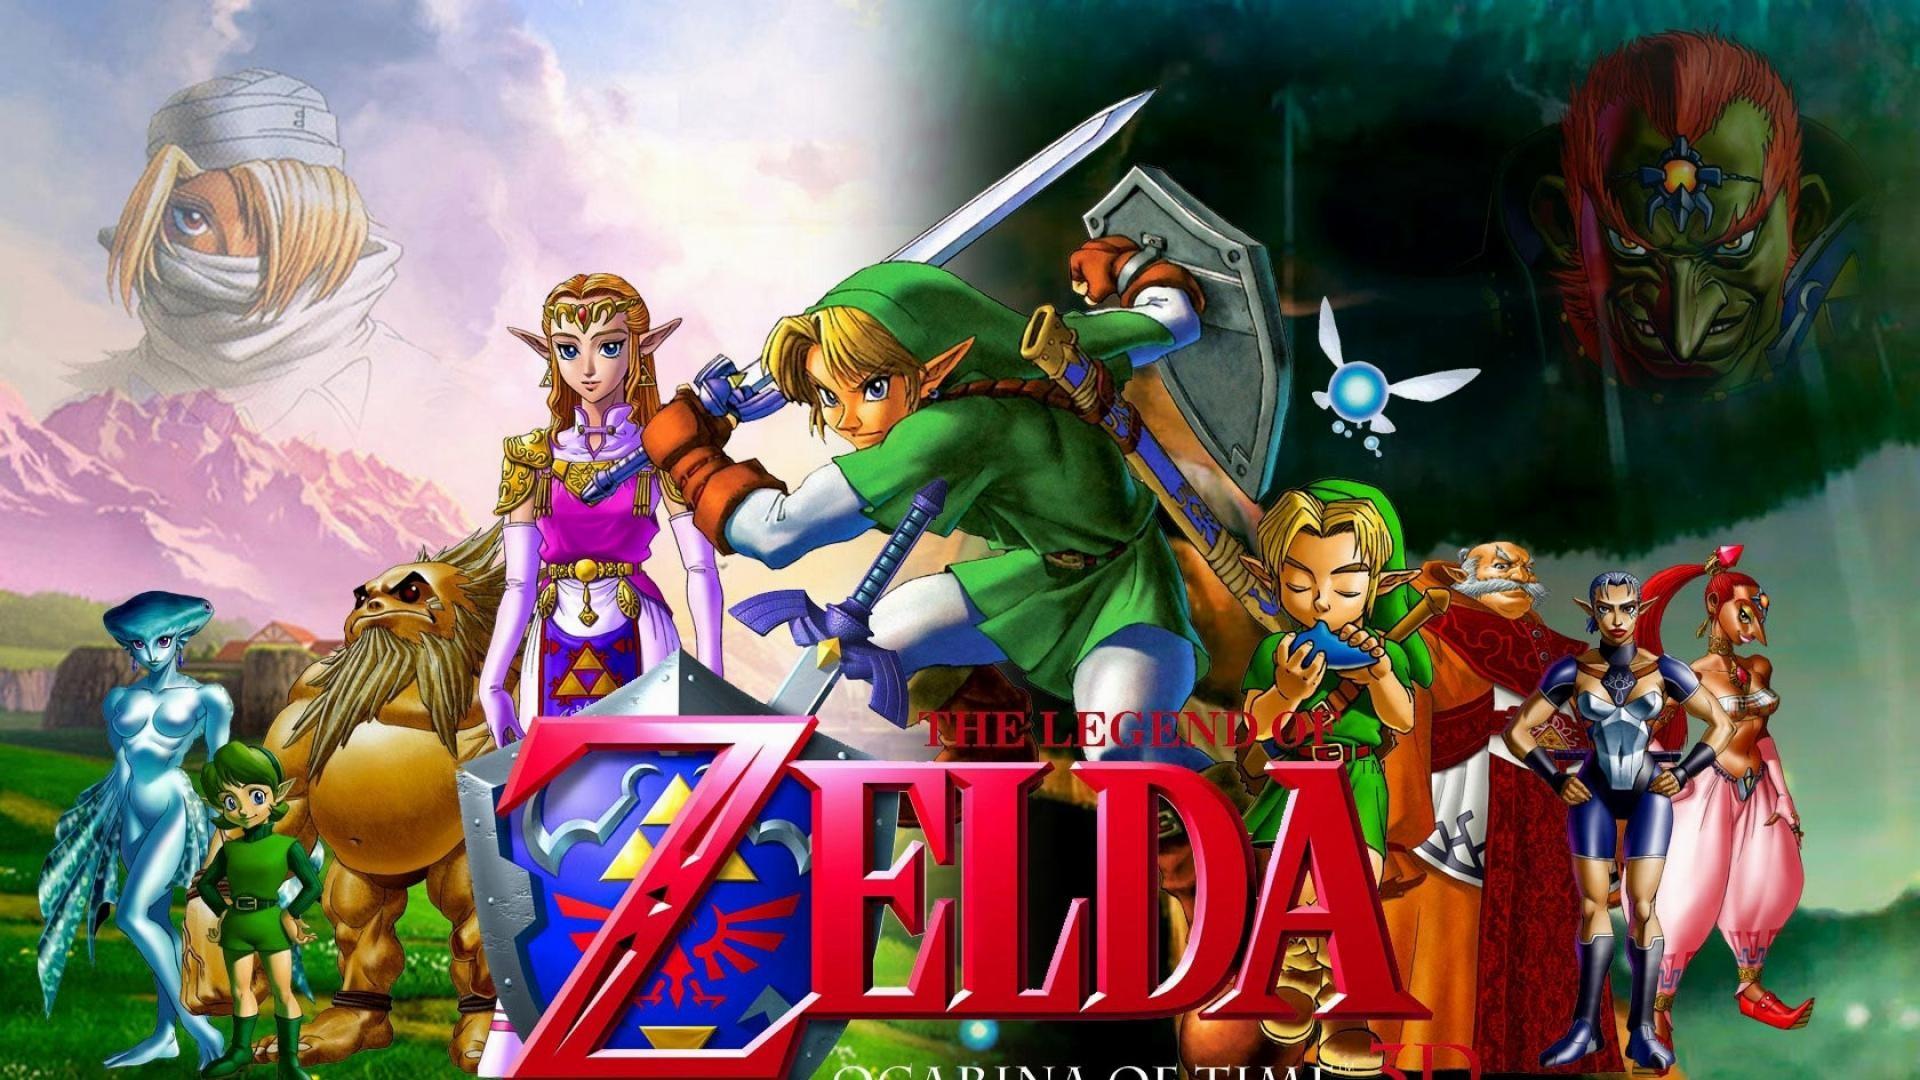 The-legend-of-zelda-characters-faces-swords-wallpaper